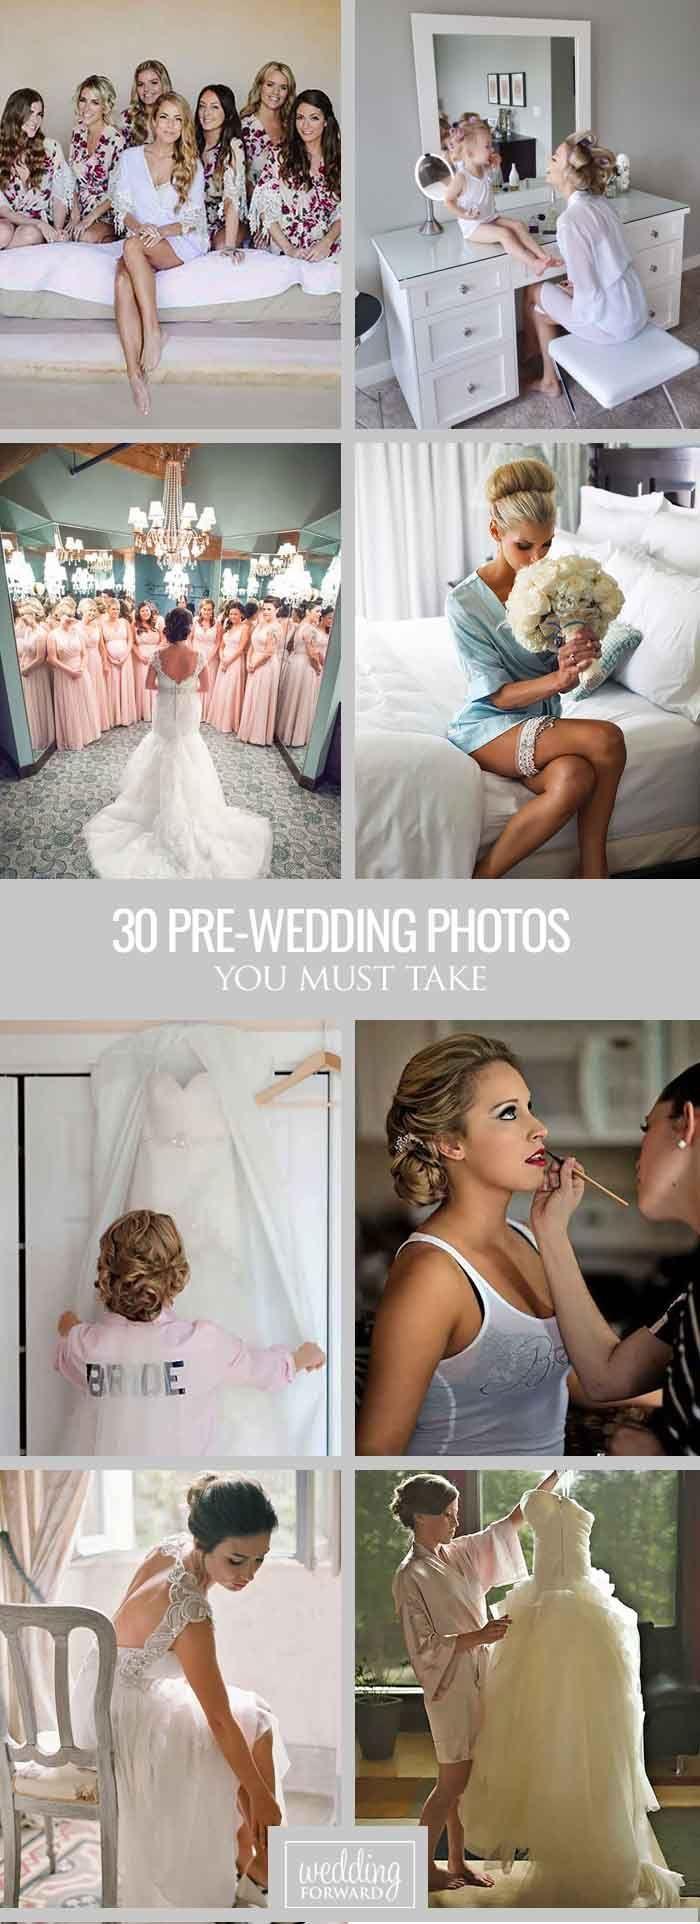 48 Fotos müssen vor der Hochzeit gemacht werden - #der #Fotos #gemacht #Hochzeit #müssen #photography #vor #werden #weddingideas